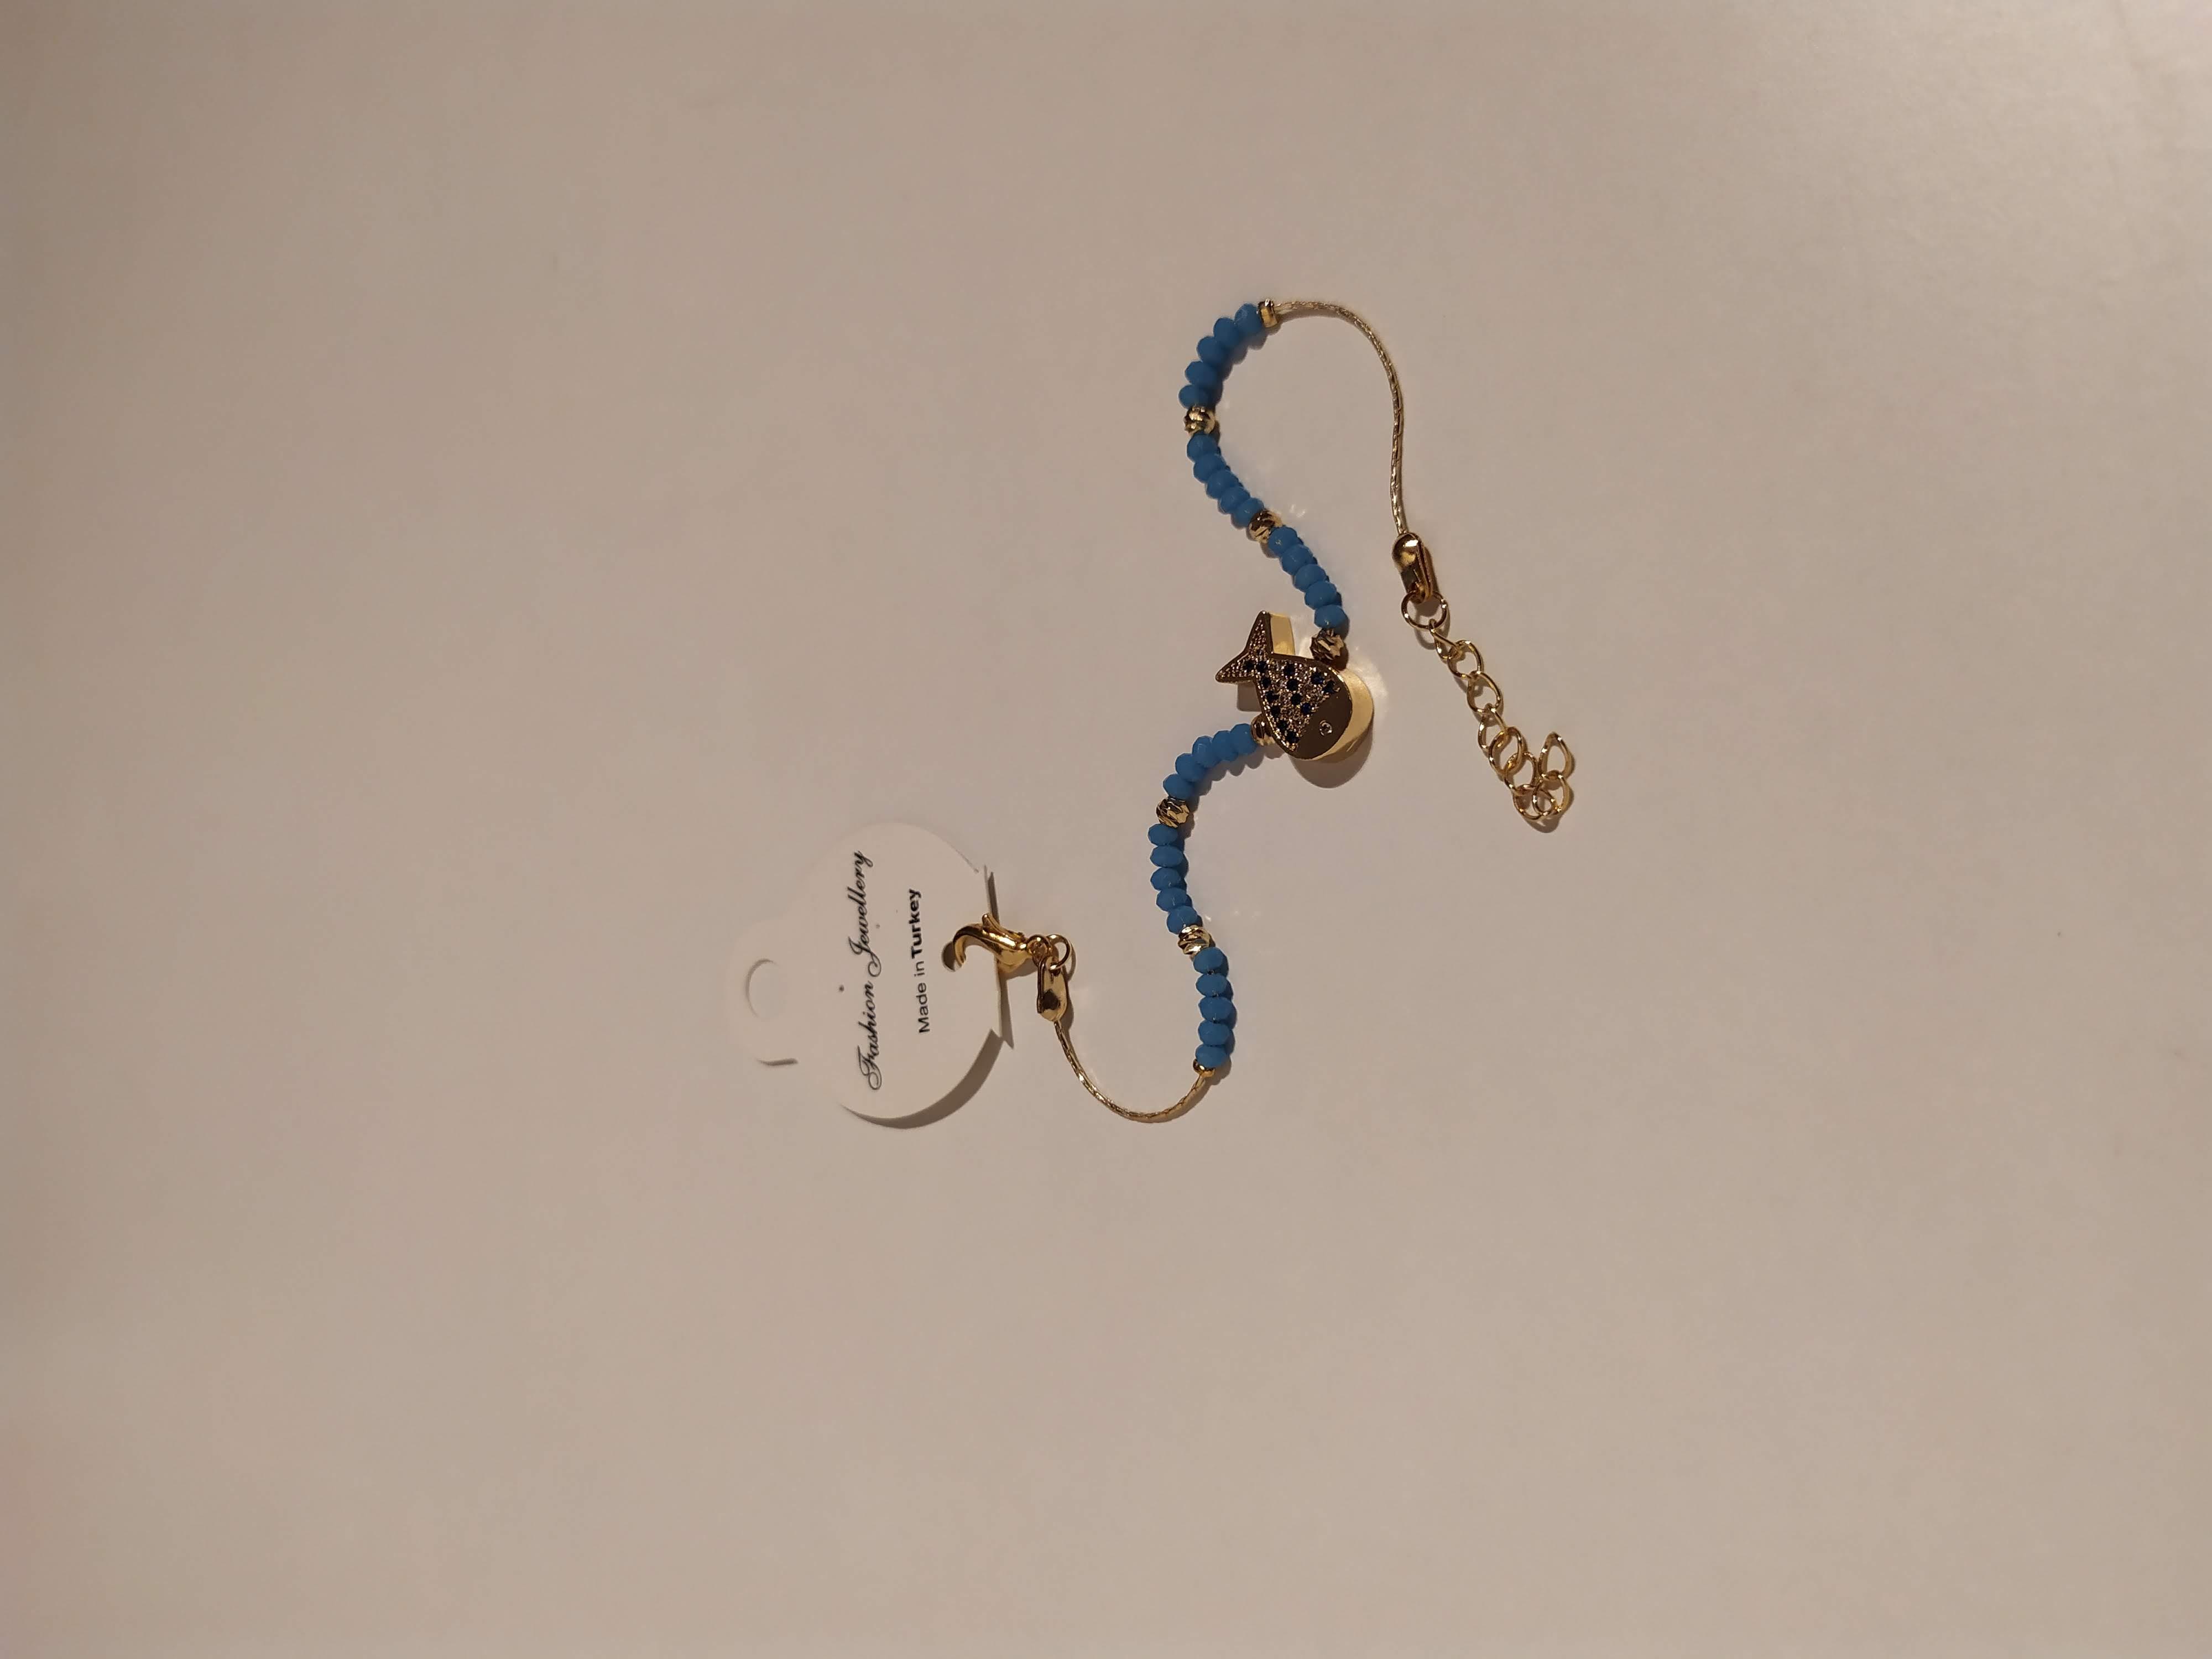 حجر الزيركون ، مطلي بالذهب ، غير مسبوق ، سوار أسود / Zircon Stone, Gold Plated, Non Allergic, Bracelet_2